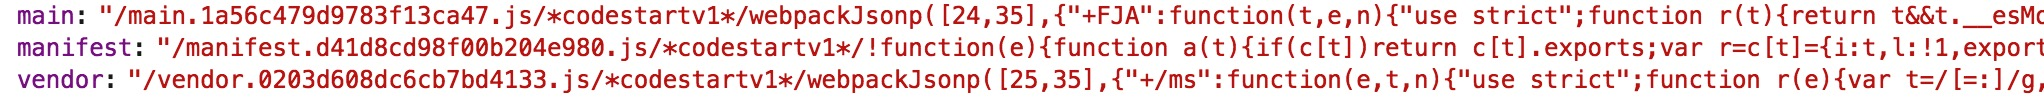 b6dcd232-f818-11e6-8e98-602c36dd0644